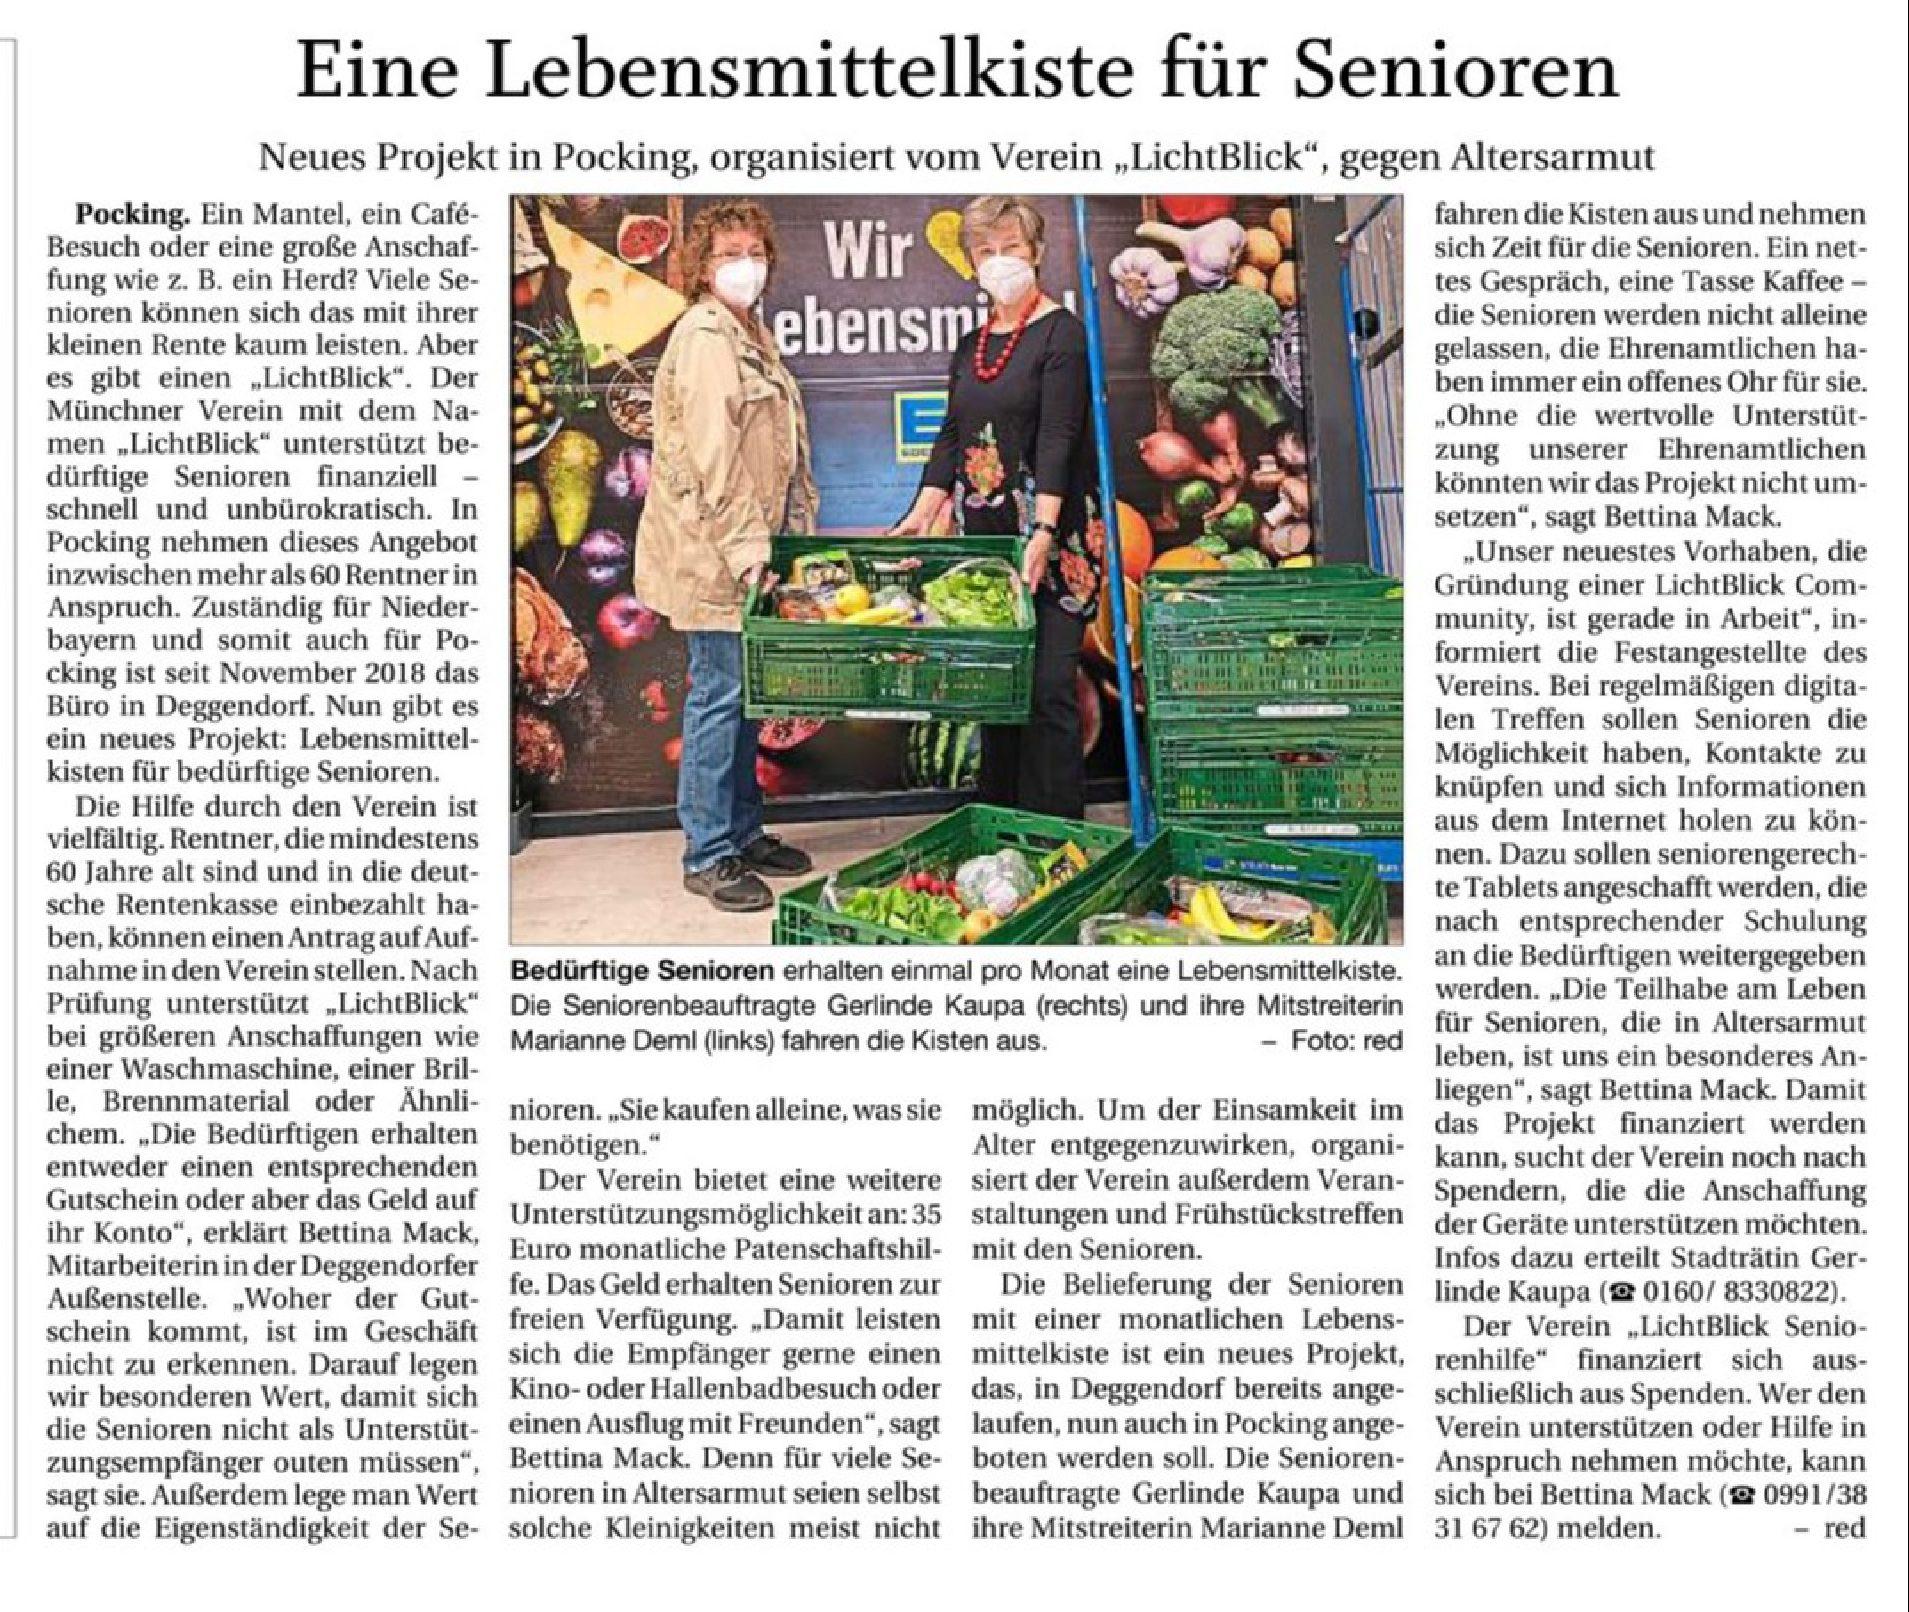 01.05.2021 | Passauer Neue Presse | Eine Lebensmittelkiste für Senioren